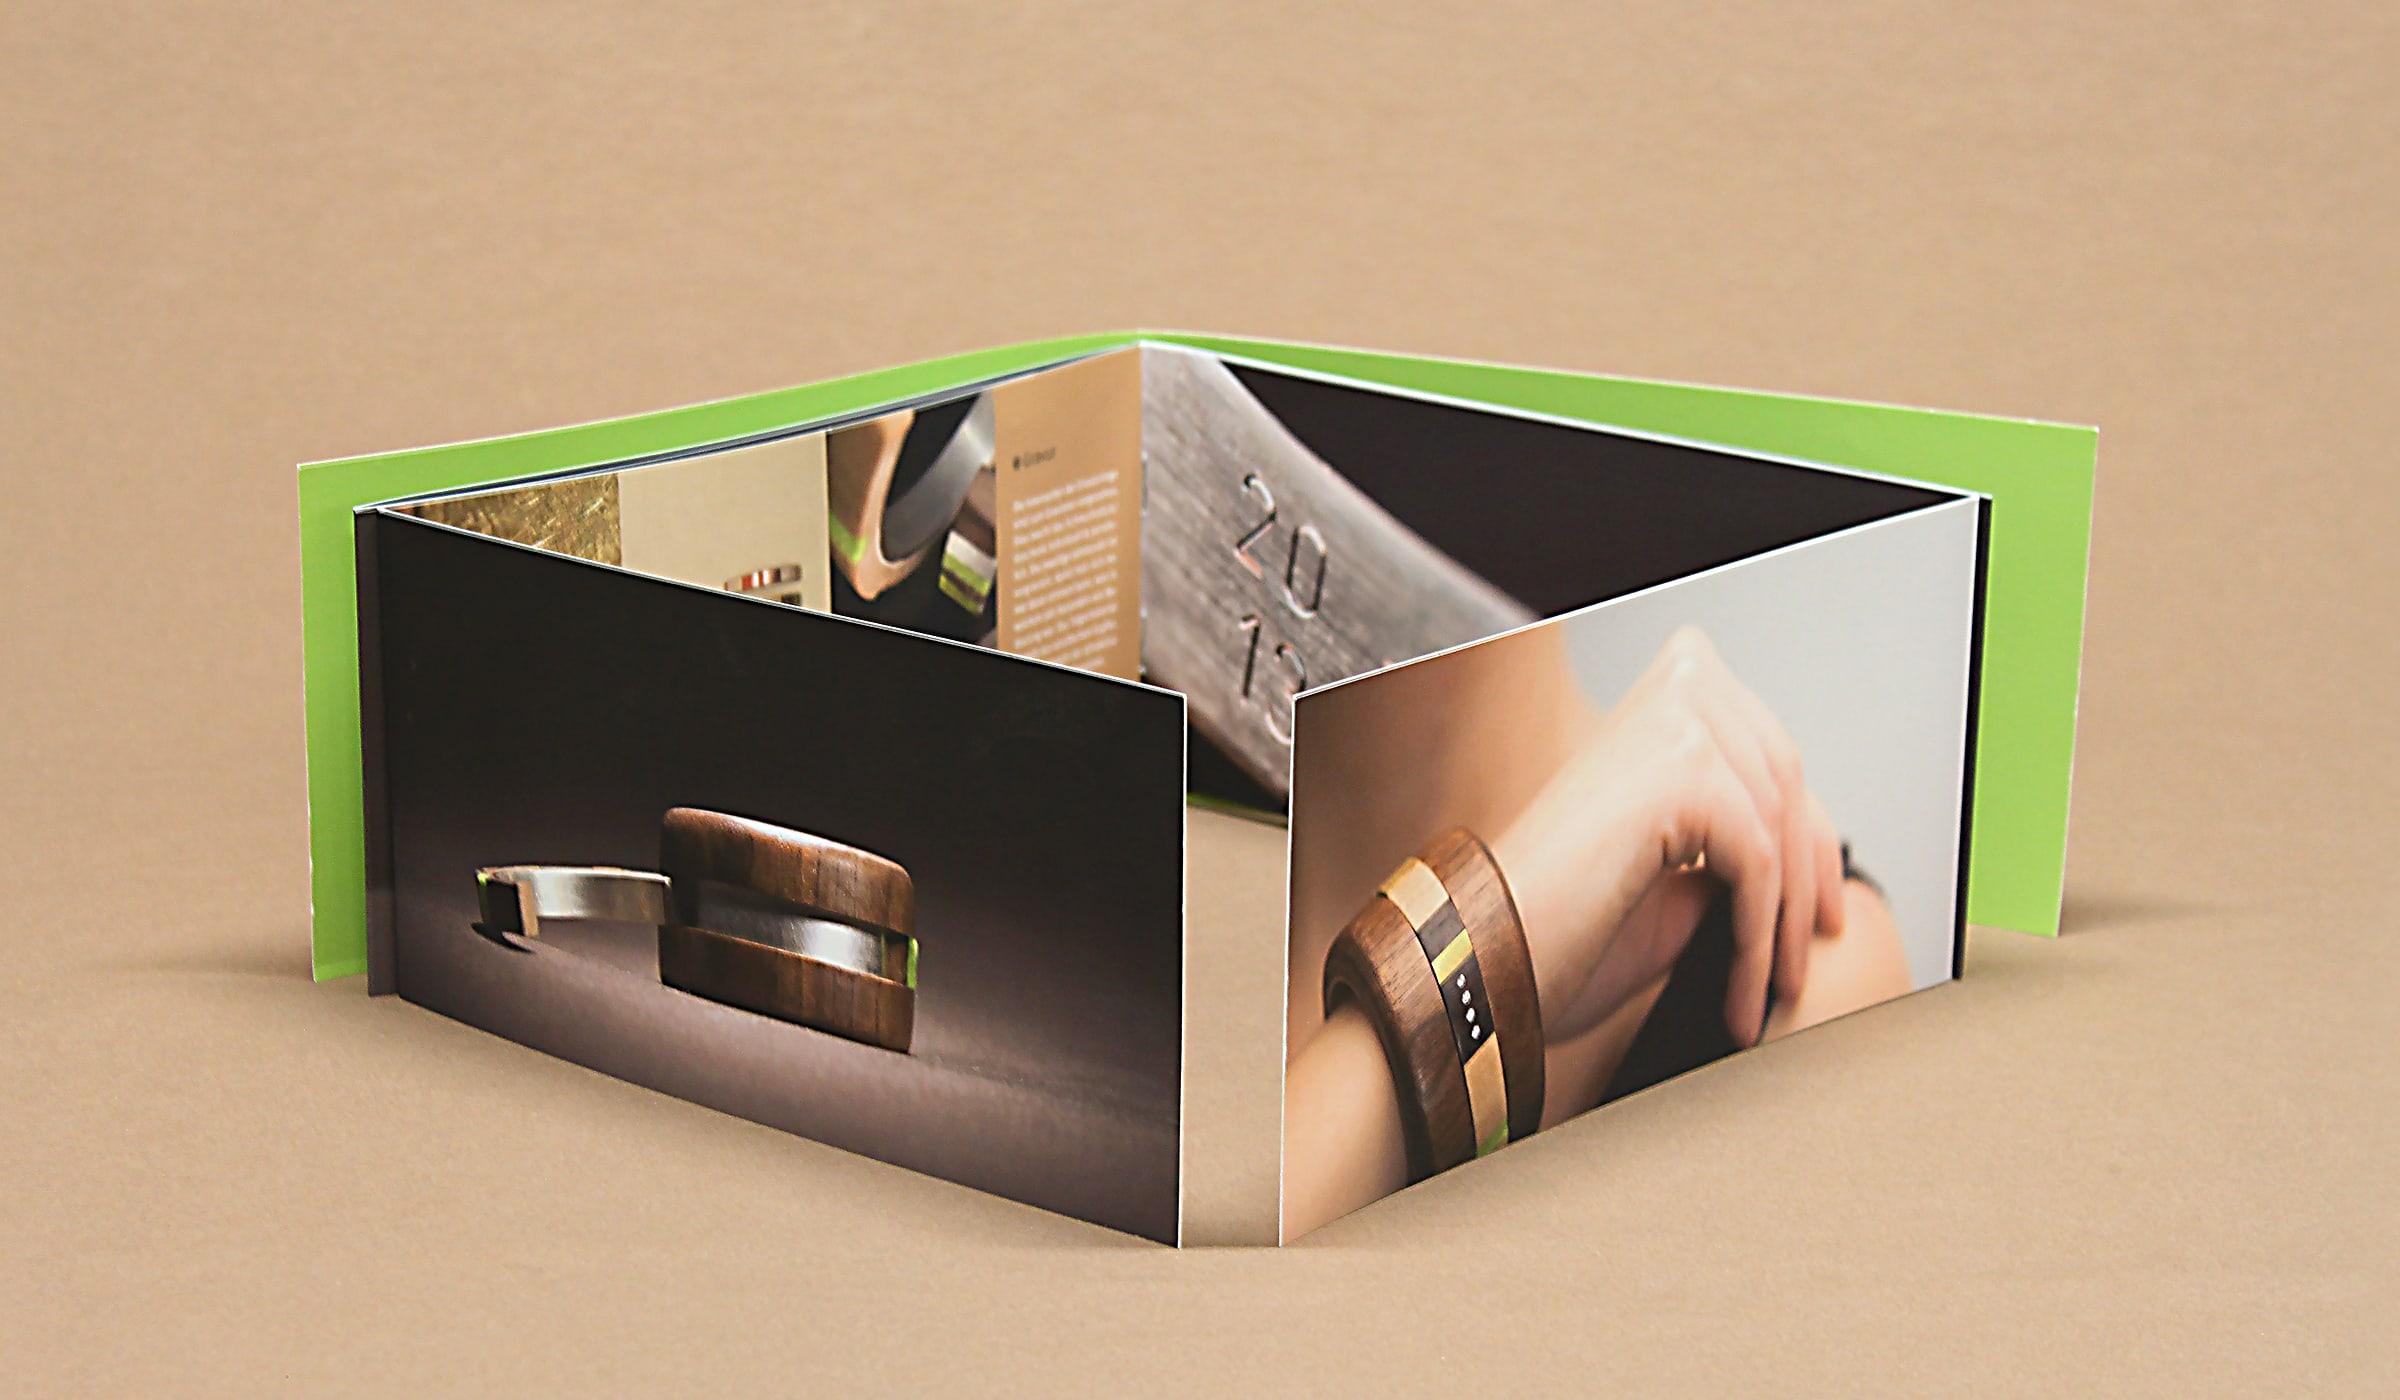 Konzeptarbeit ~ Produktentwicklung & Vermarktung ~ Werbemittel ~ Imagebroschüre // Imagebroschüre mit Altarfalz // dalarna // Branding/ Brand Design/ Corporate Design/ Logo/ KERSTIN MICHELS – DESIGN/ Designagentur/ Werbeagentur/Grafikdesign/ Kommunikationsdesign/ Hermeskeil/ Hochwald/ Trier/ Rheinland-Pfalz/ Werbung/ Design